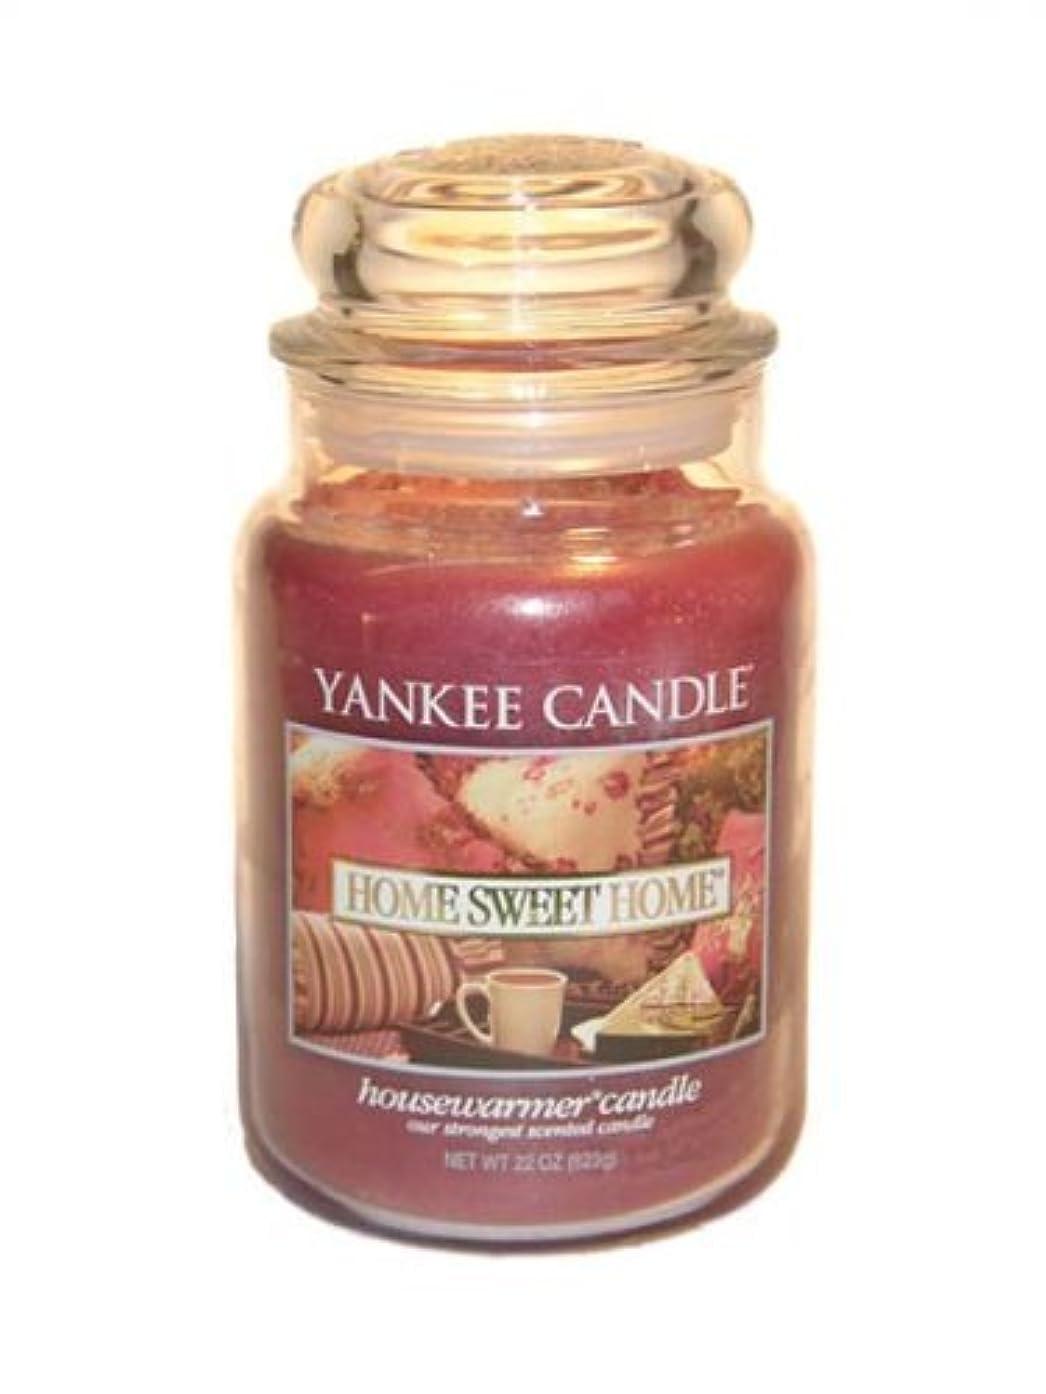 軽減する電化する興奮するYankee Candle Home Sweet Home Large Jar 22oz Candle by Amazon source [並行輸入品]